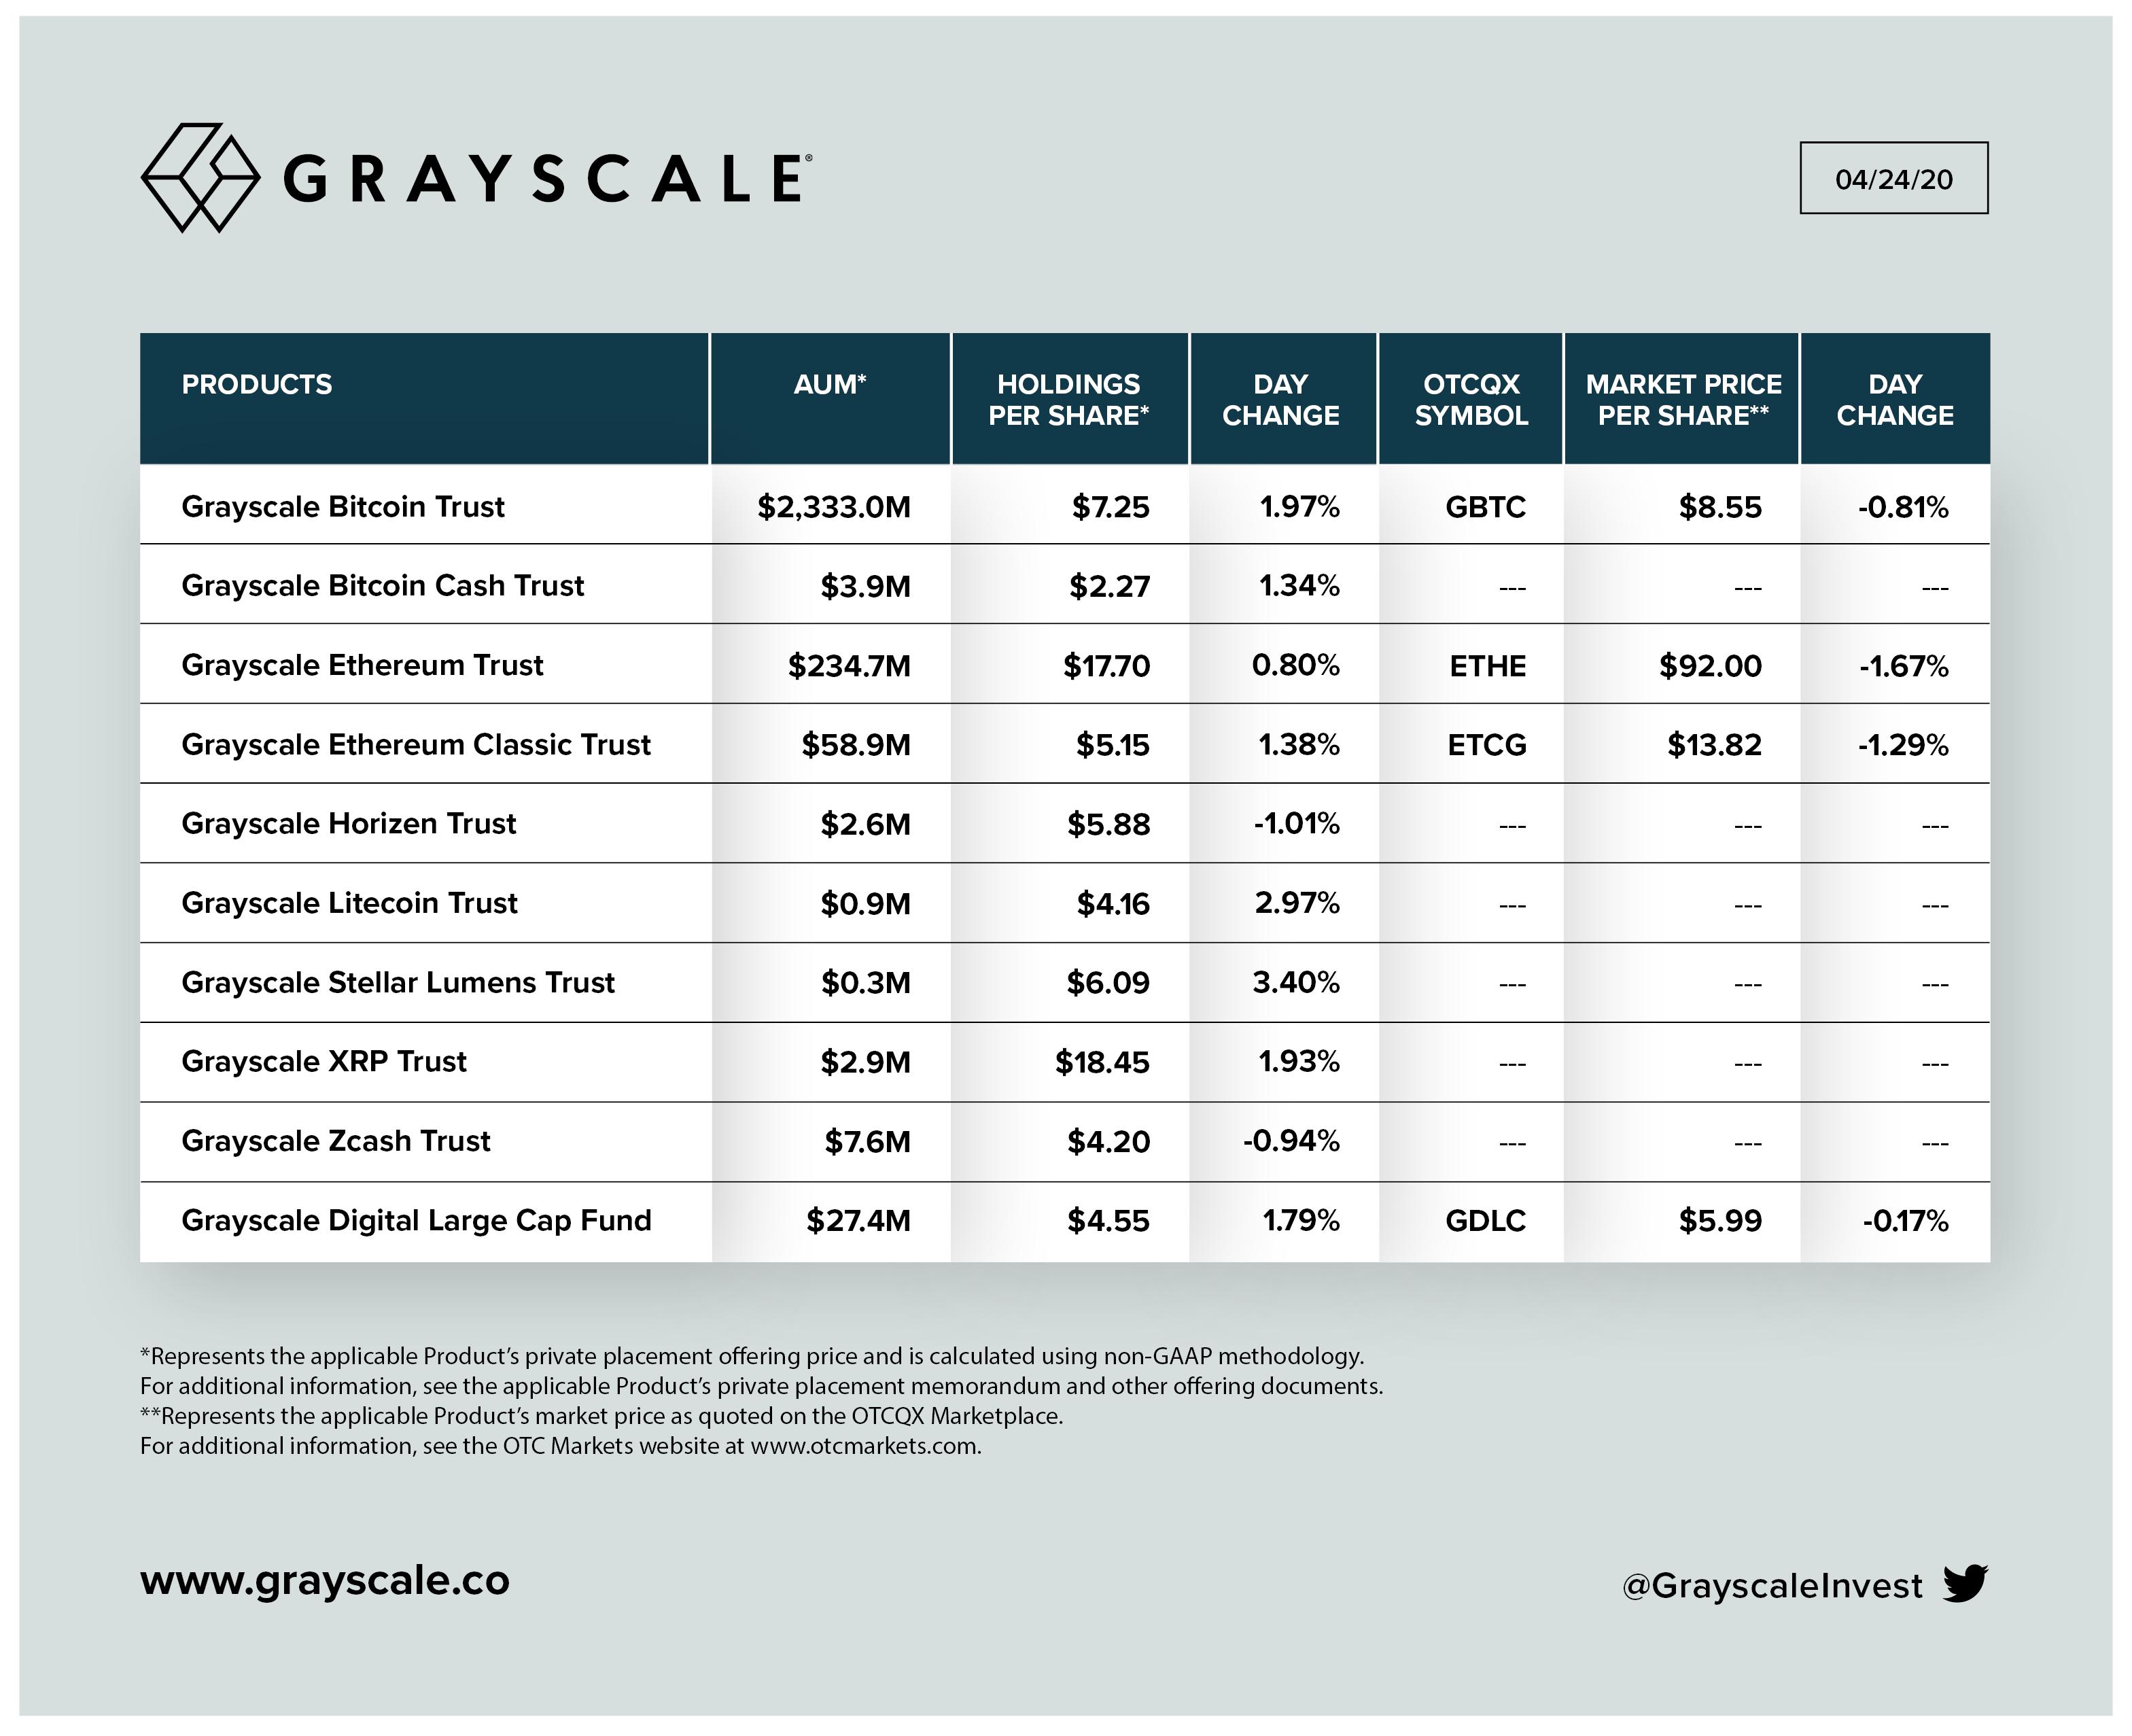 Tabla del aumento de Inversión en los productos de Grayscale. Fuente: Grayscale.